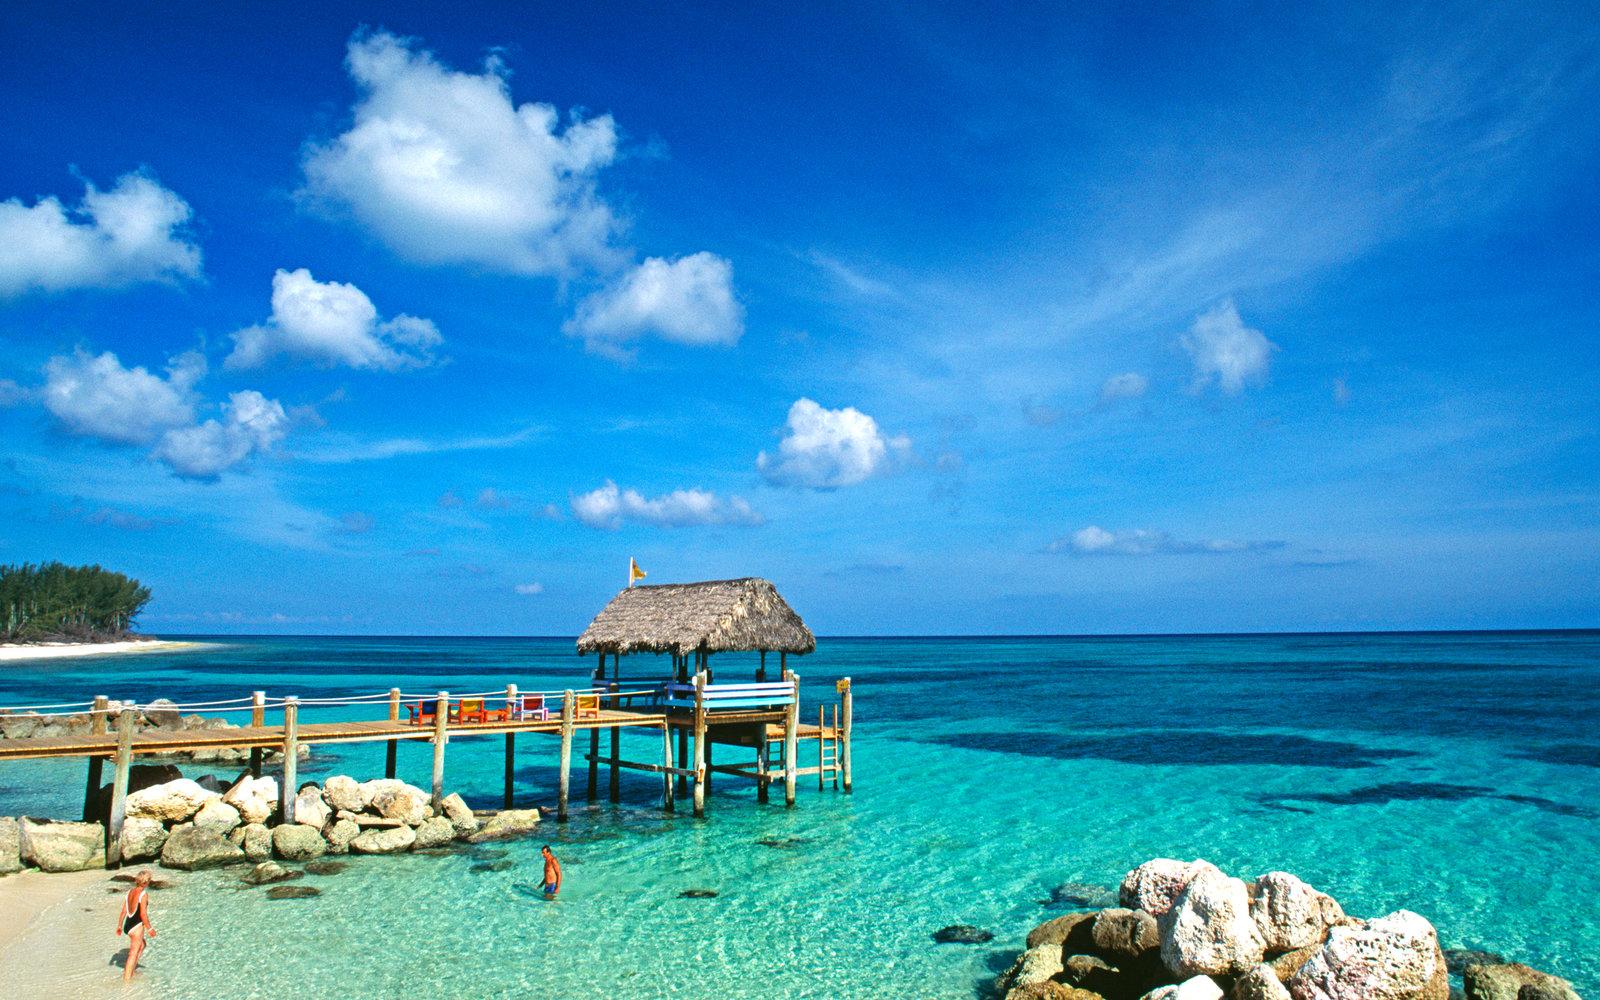 revisão de viagem de férias